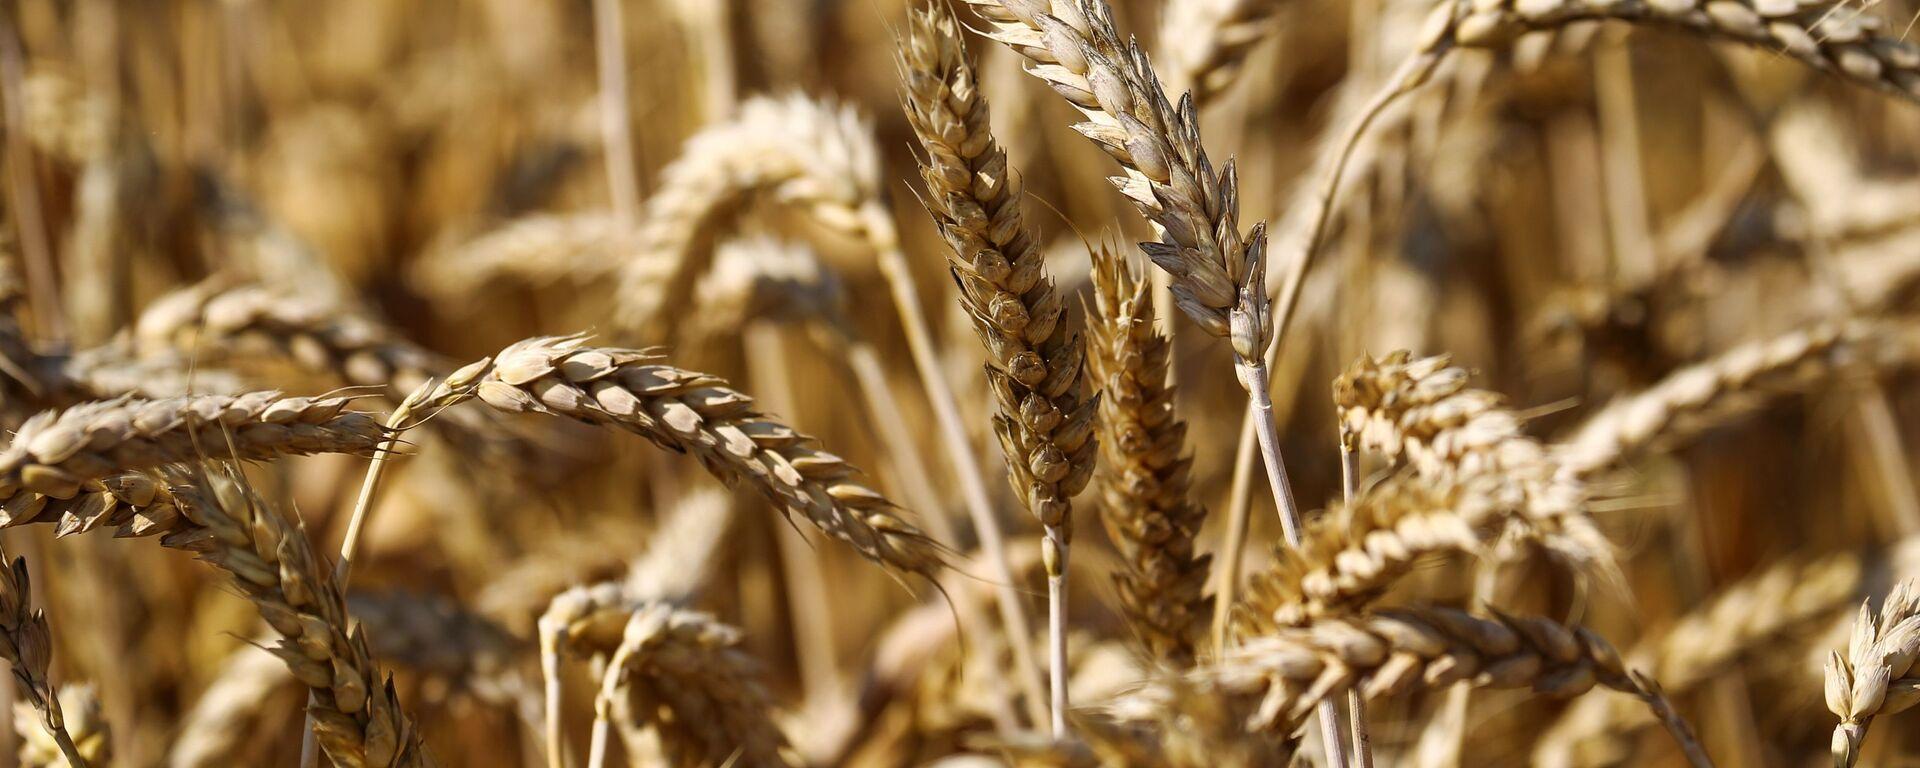 Уборка пшеницы в Краснодарском крае - Sputnik Latvija, 1920, 25.05.2021